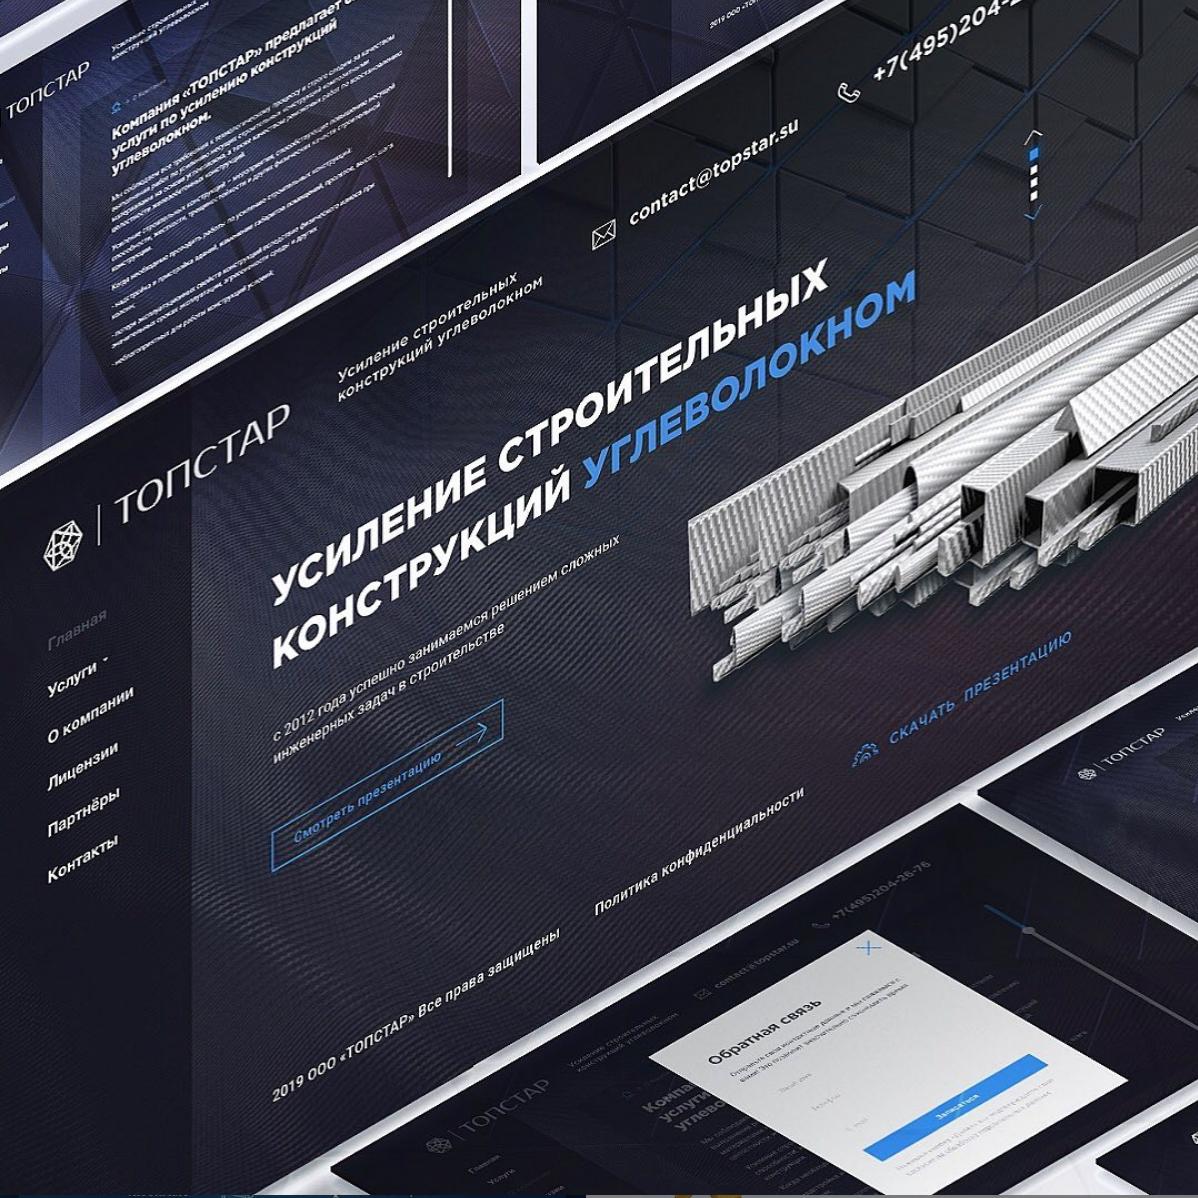 ТОПСТАР - устроительные конструкции из углеволокна